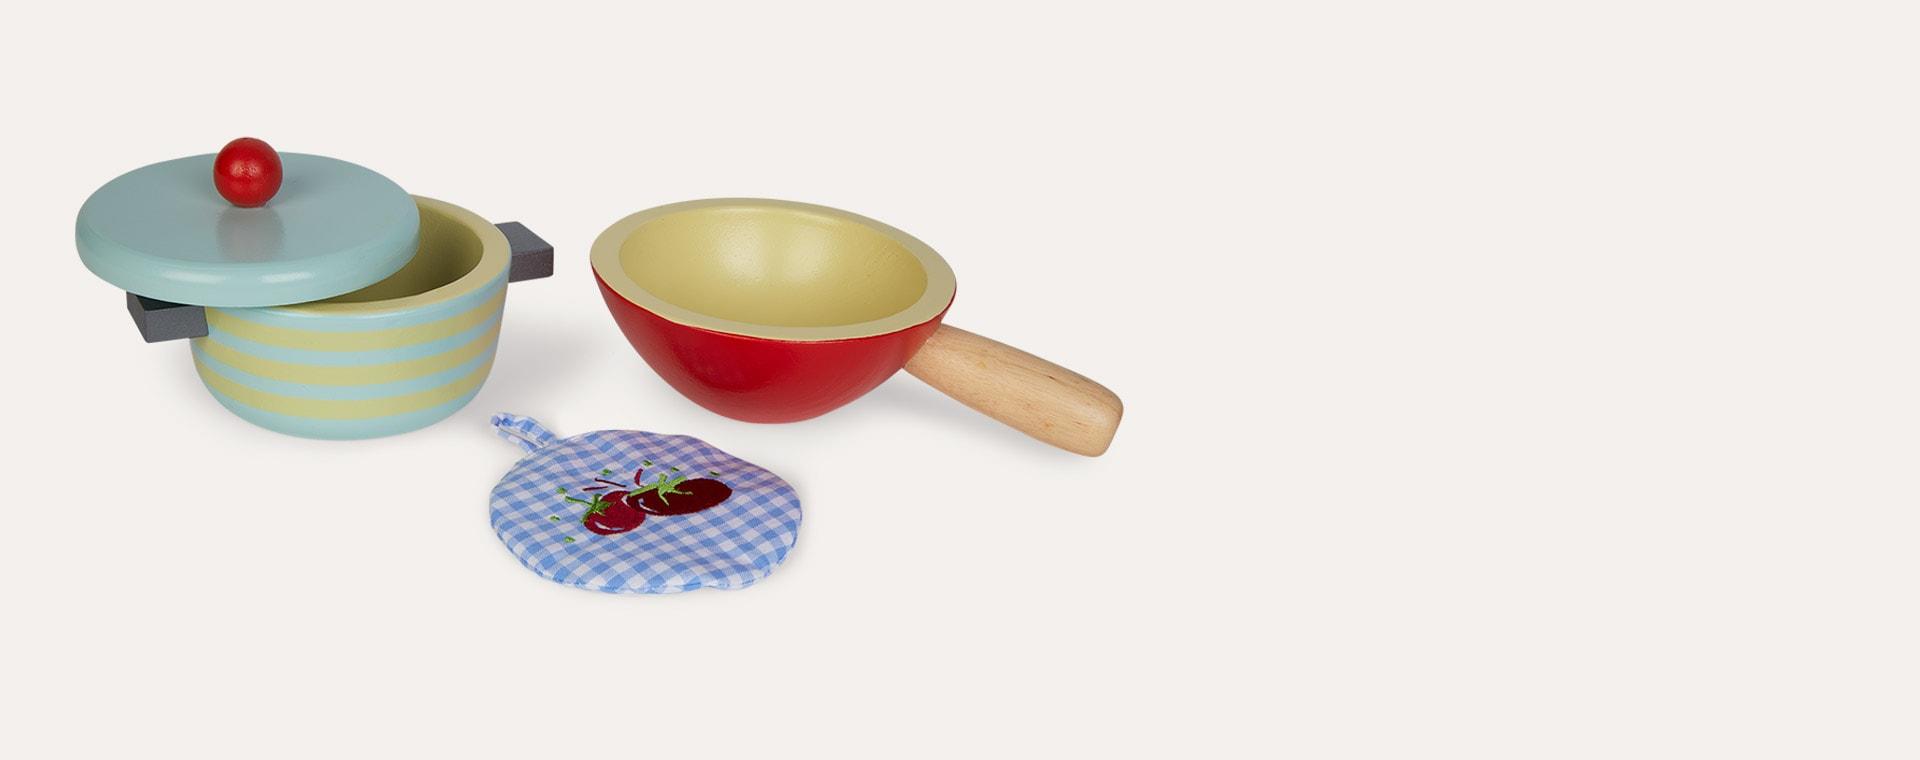 Red Le Toy Van Pots & Pans